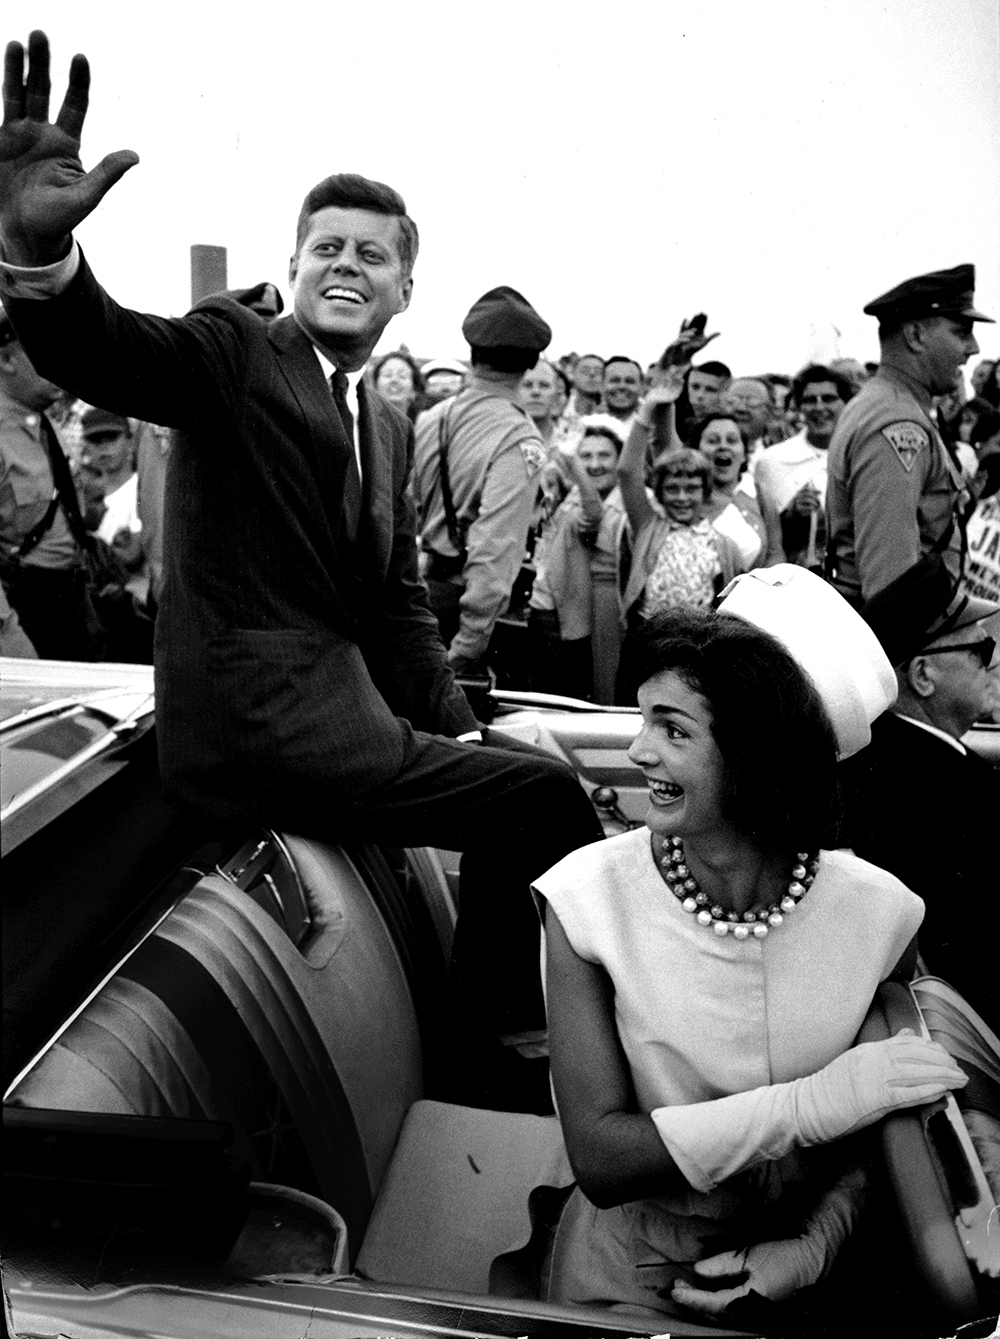 El senador Kennedy y su esposa regresan a Massachusetts tras la nominación de 1960 para presentarse a las elecciones. Photo © Paul Schutzer, Getty Images